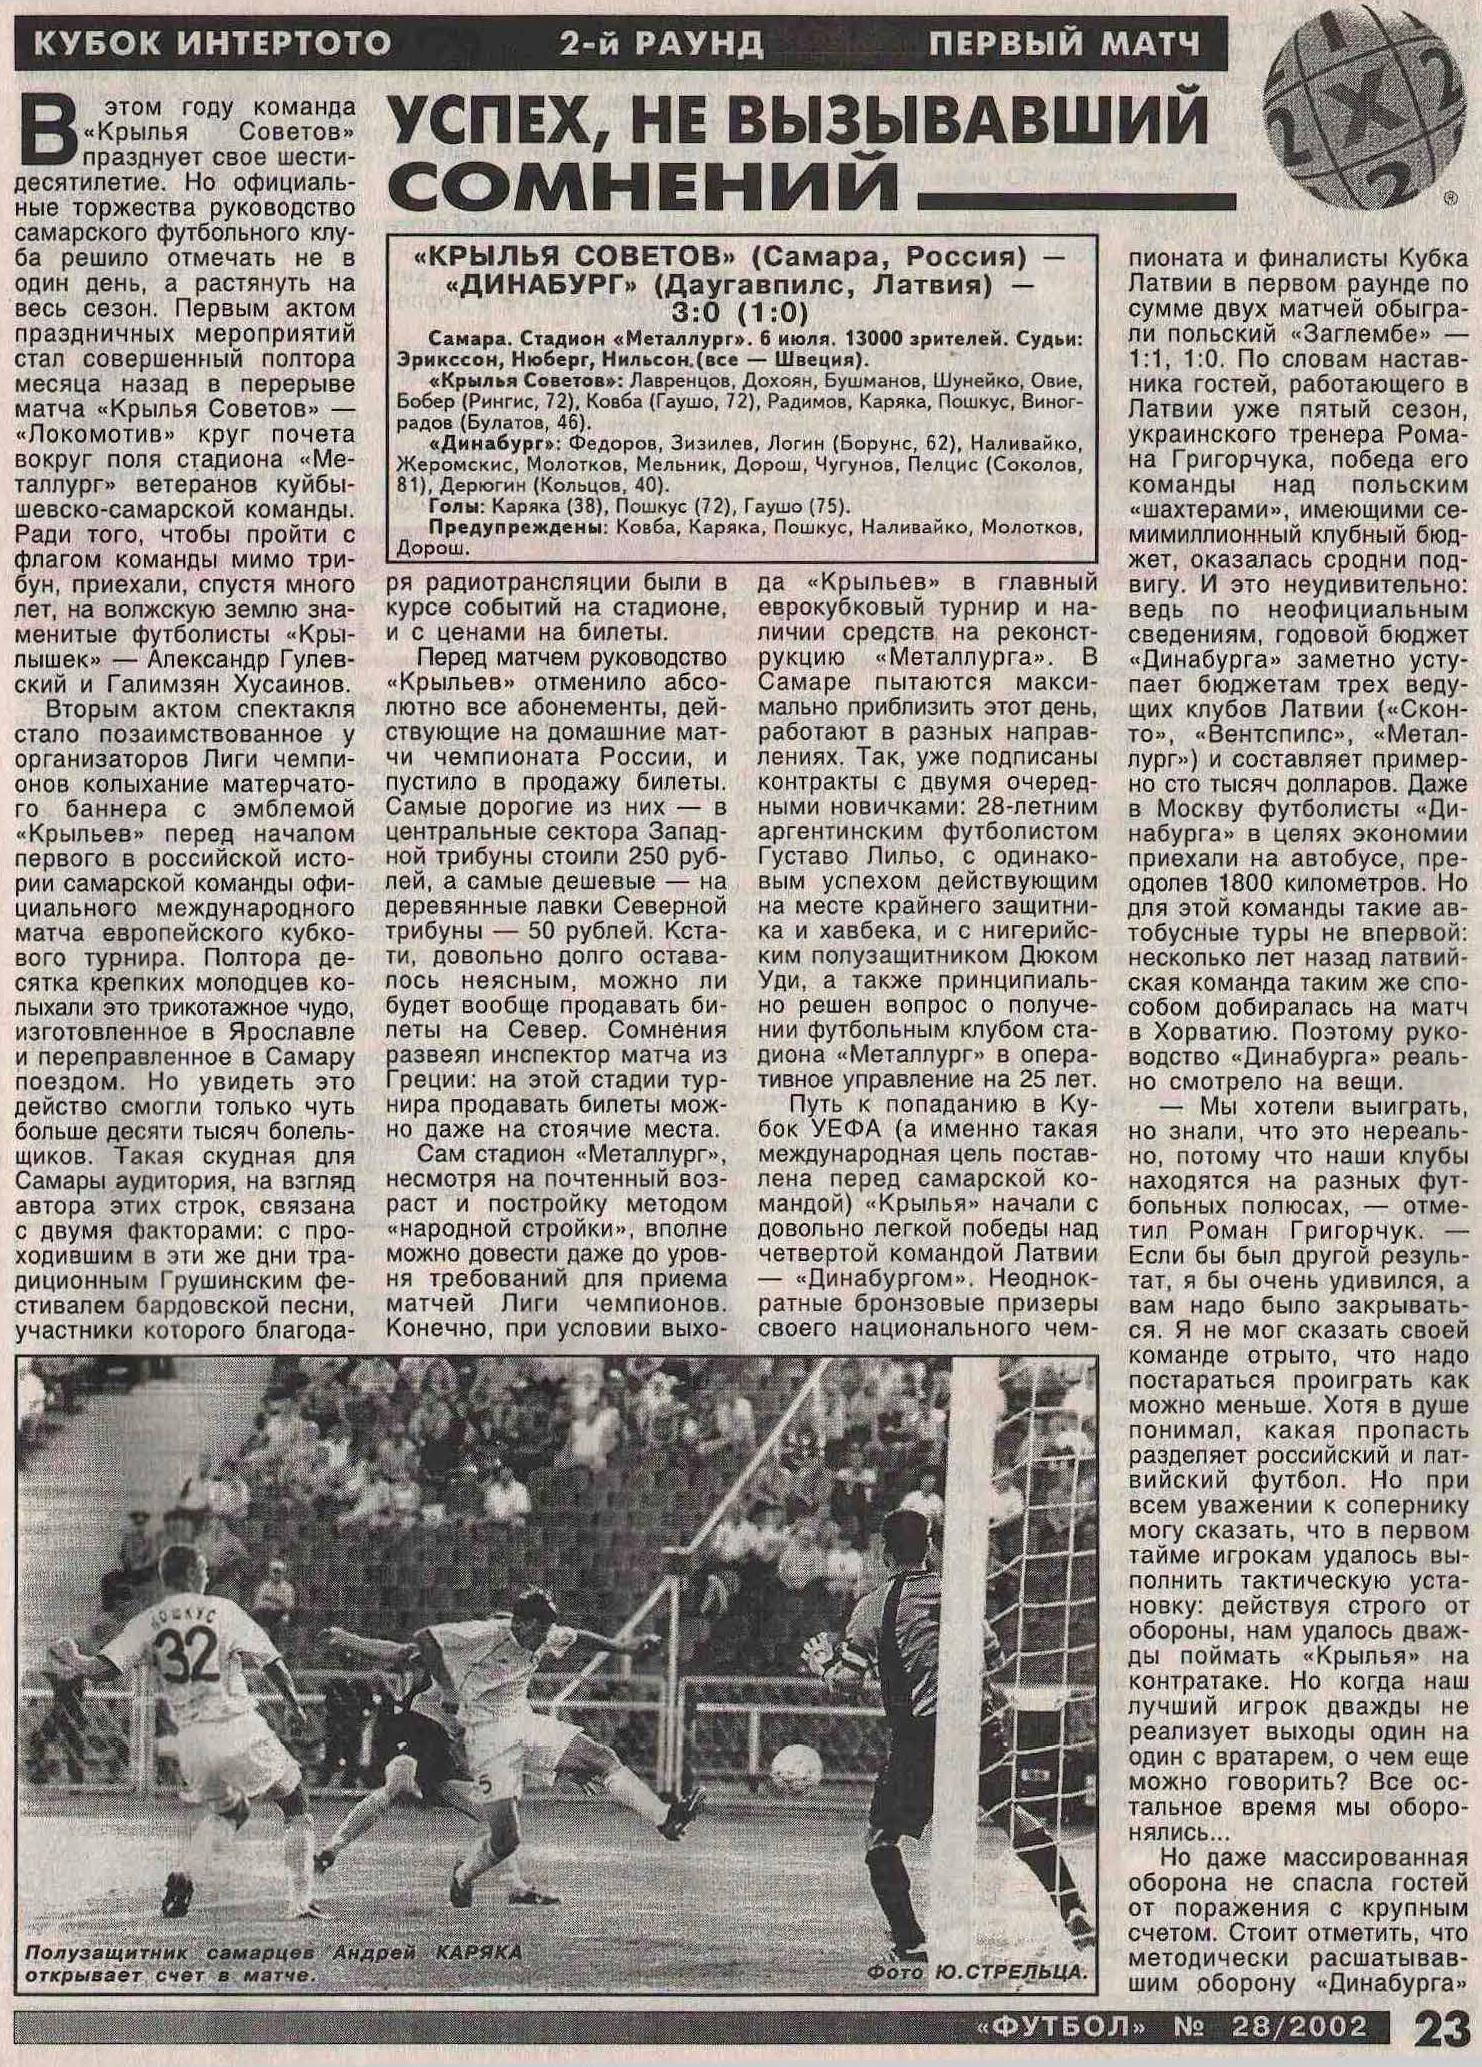 Крылья Советов (Самара) - Динабург (Даугавпилс, Латвия) 3:0. Нажмите, чтобы посмотреть истинный размер рисунка